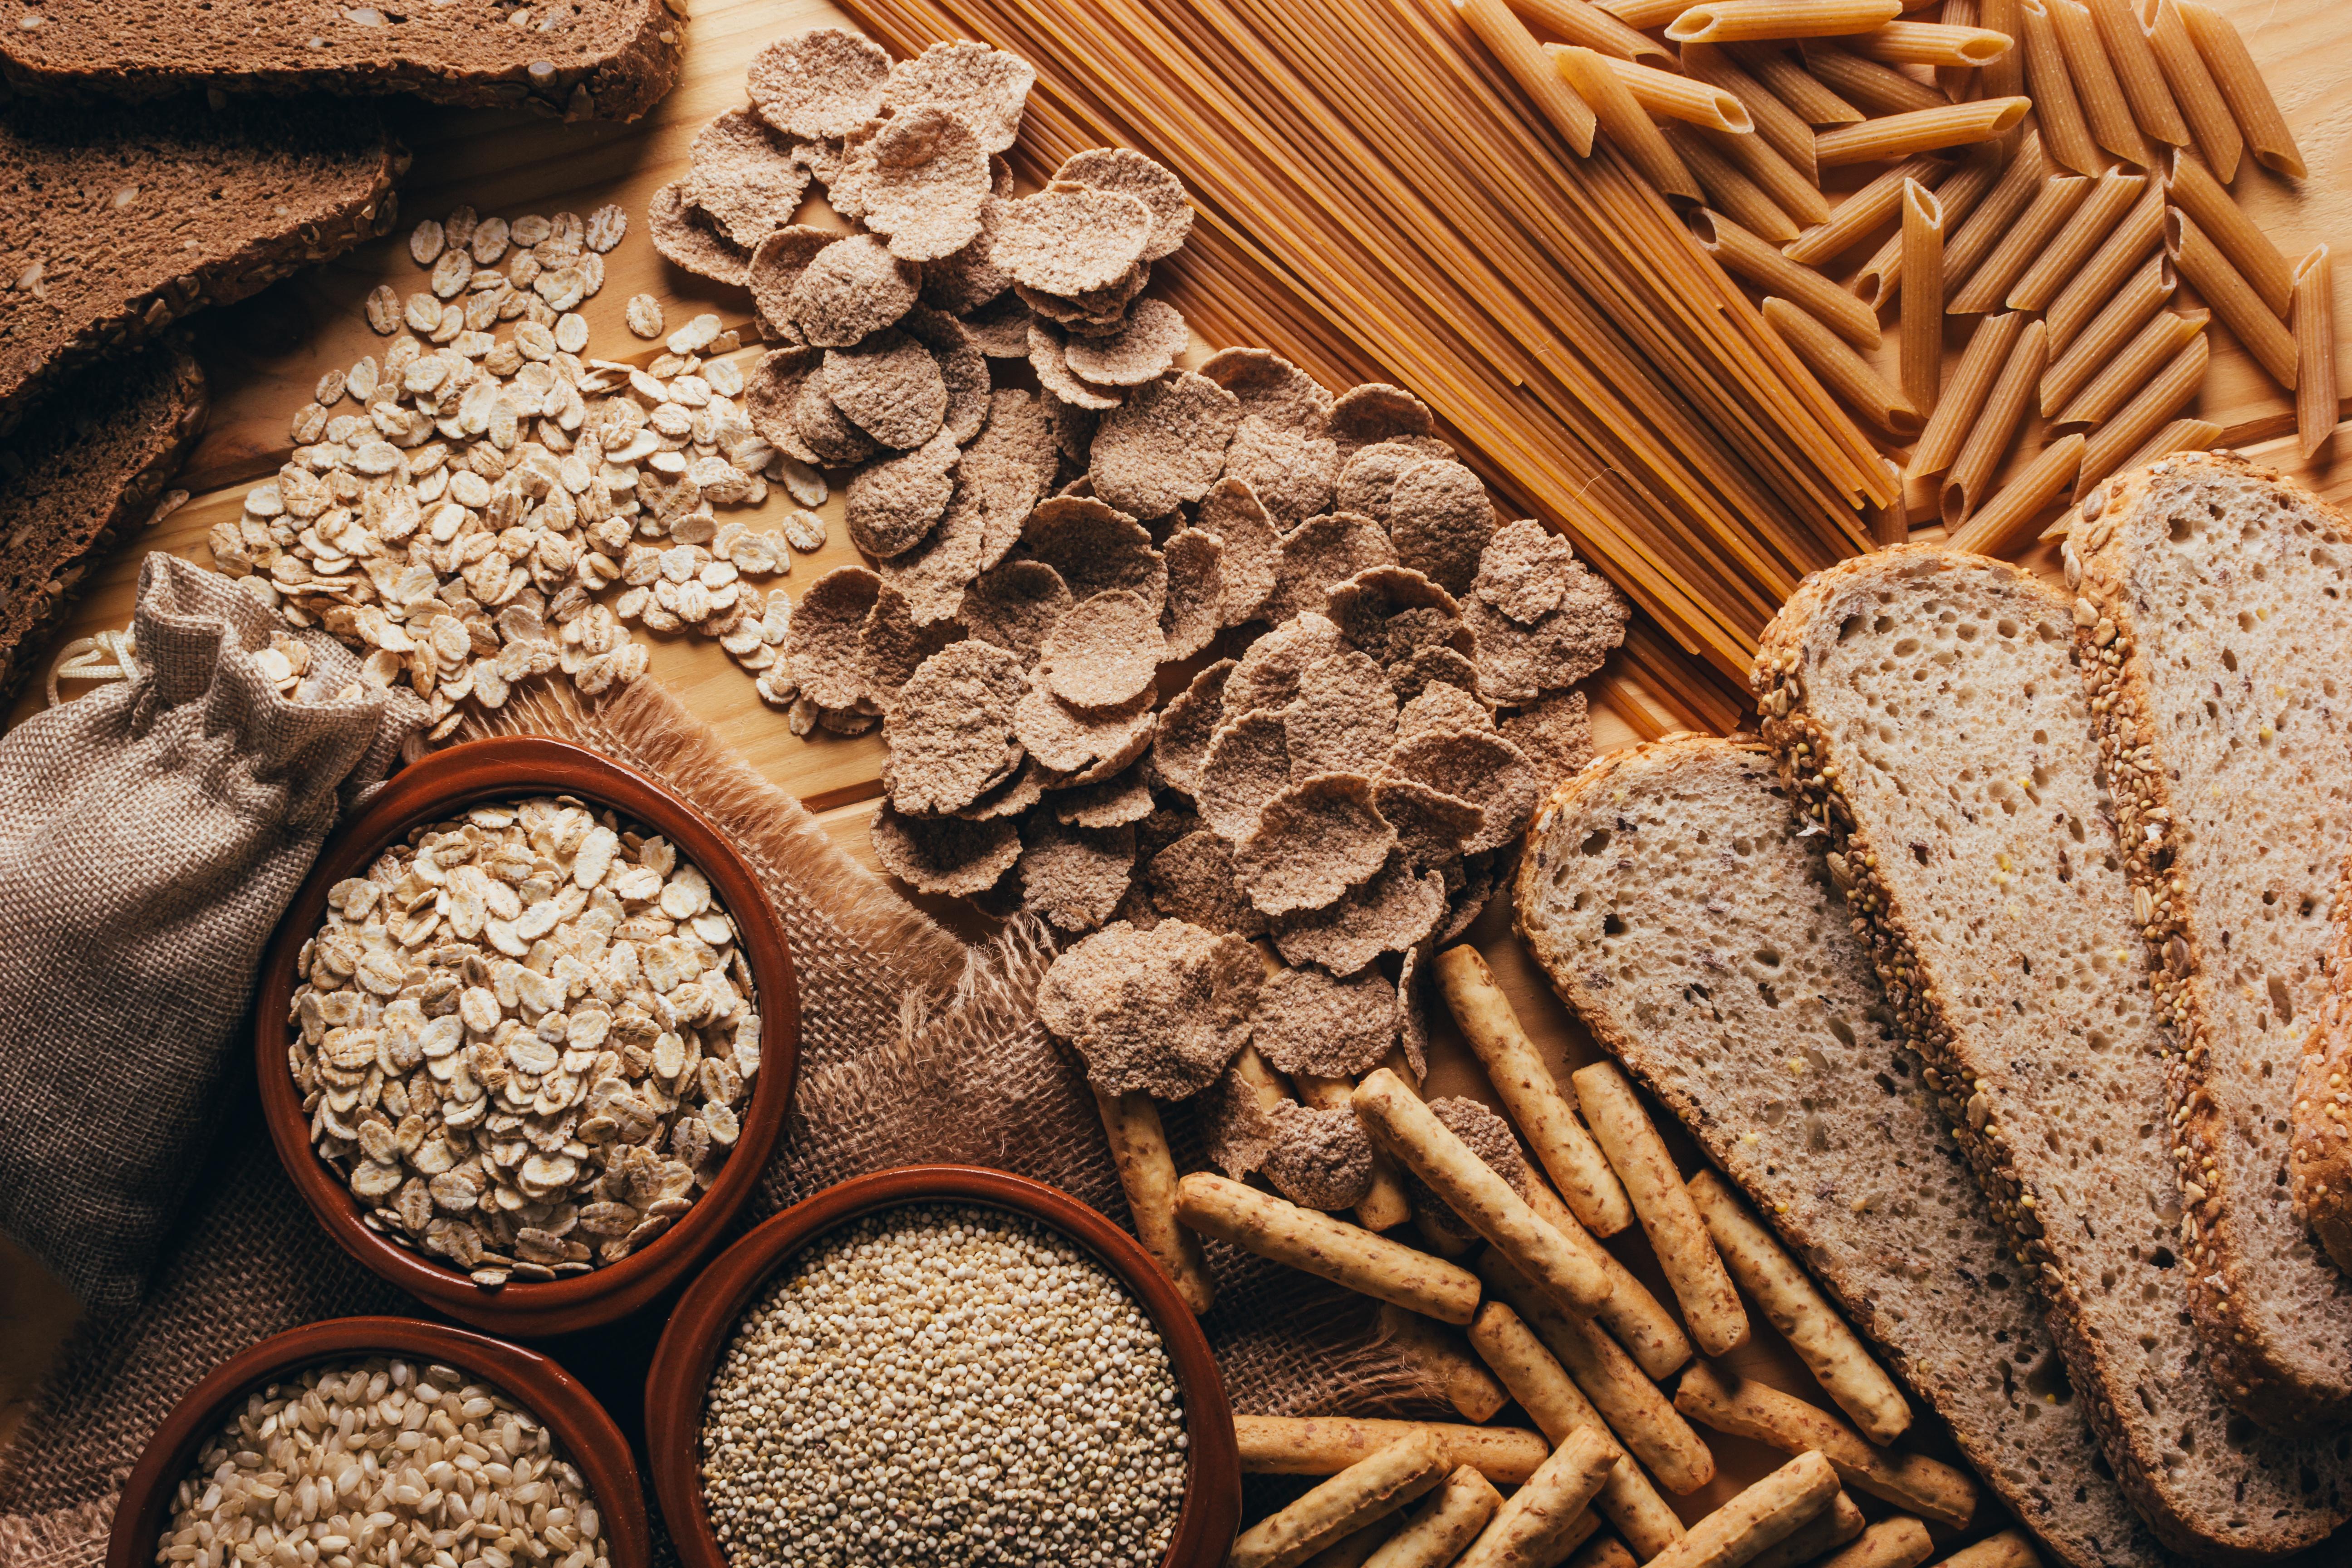 Einen Tisch mit verschiedenen Vollkornprodukten, wie zum Beispiel Nudeln, Brot und Haferflocken